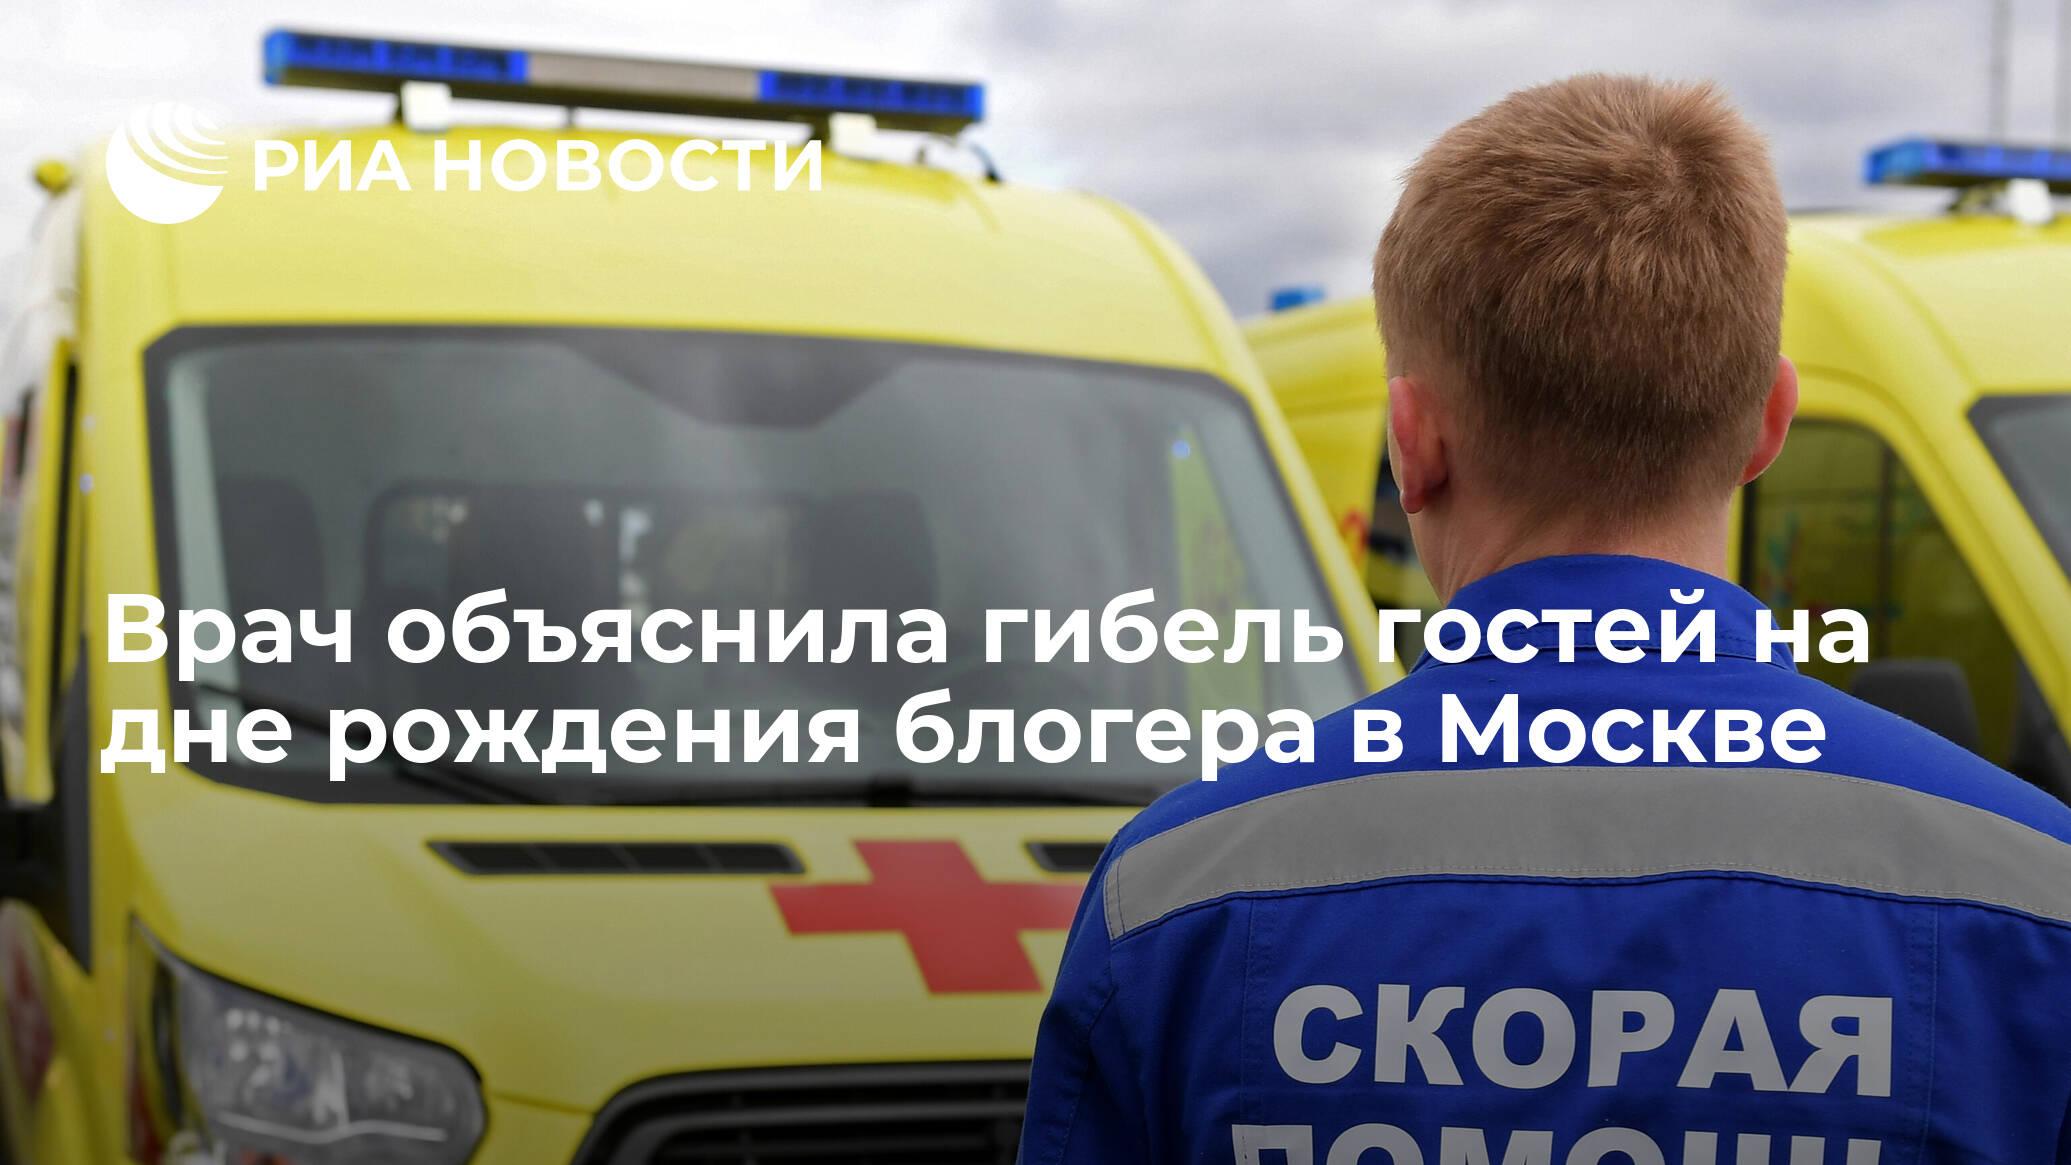 Врач объяснила гибель людей на дне рождения блогера в Москве